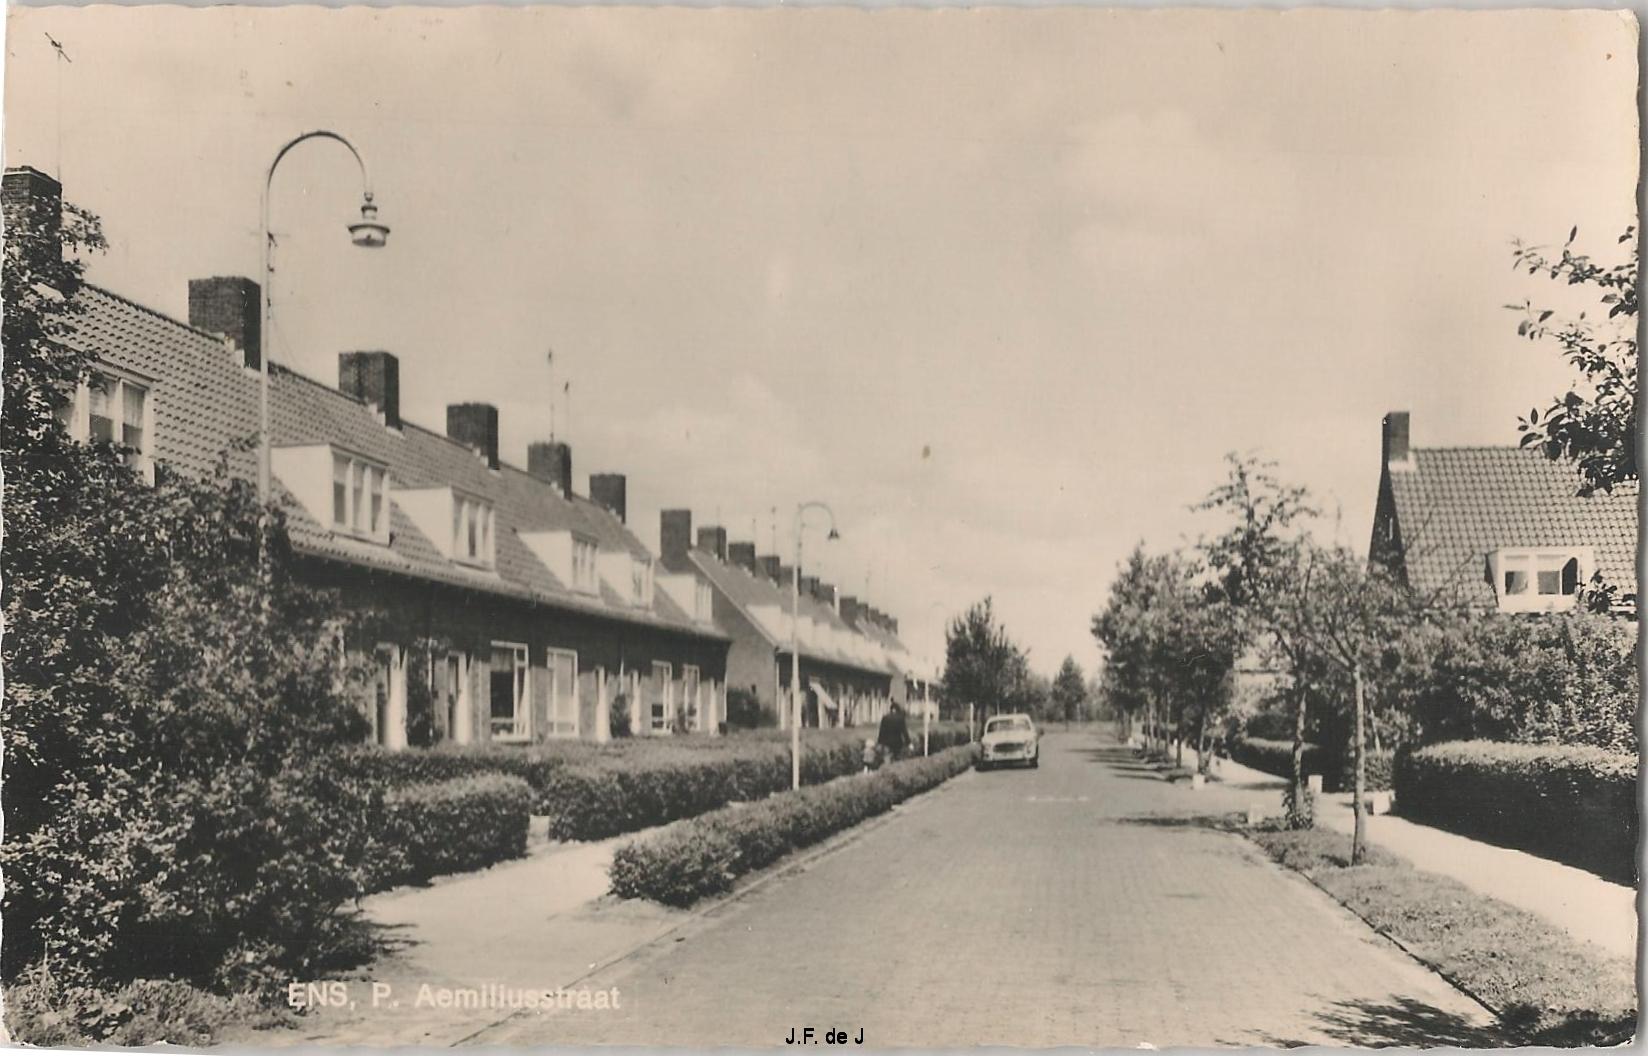 Ens - P Aemeliusstraat2